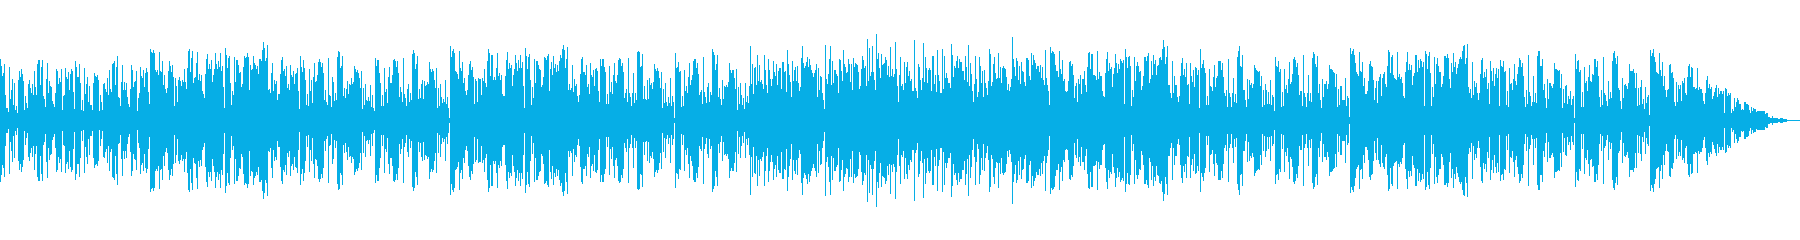 コミカル要素のある博打 和楽器+テクノの再生済みの波形